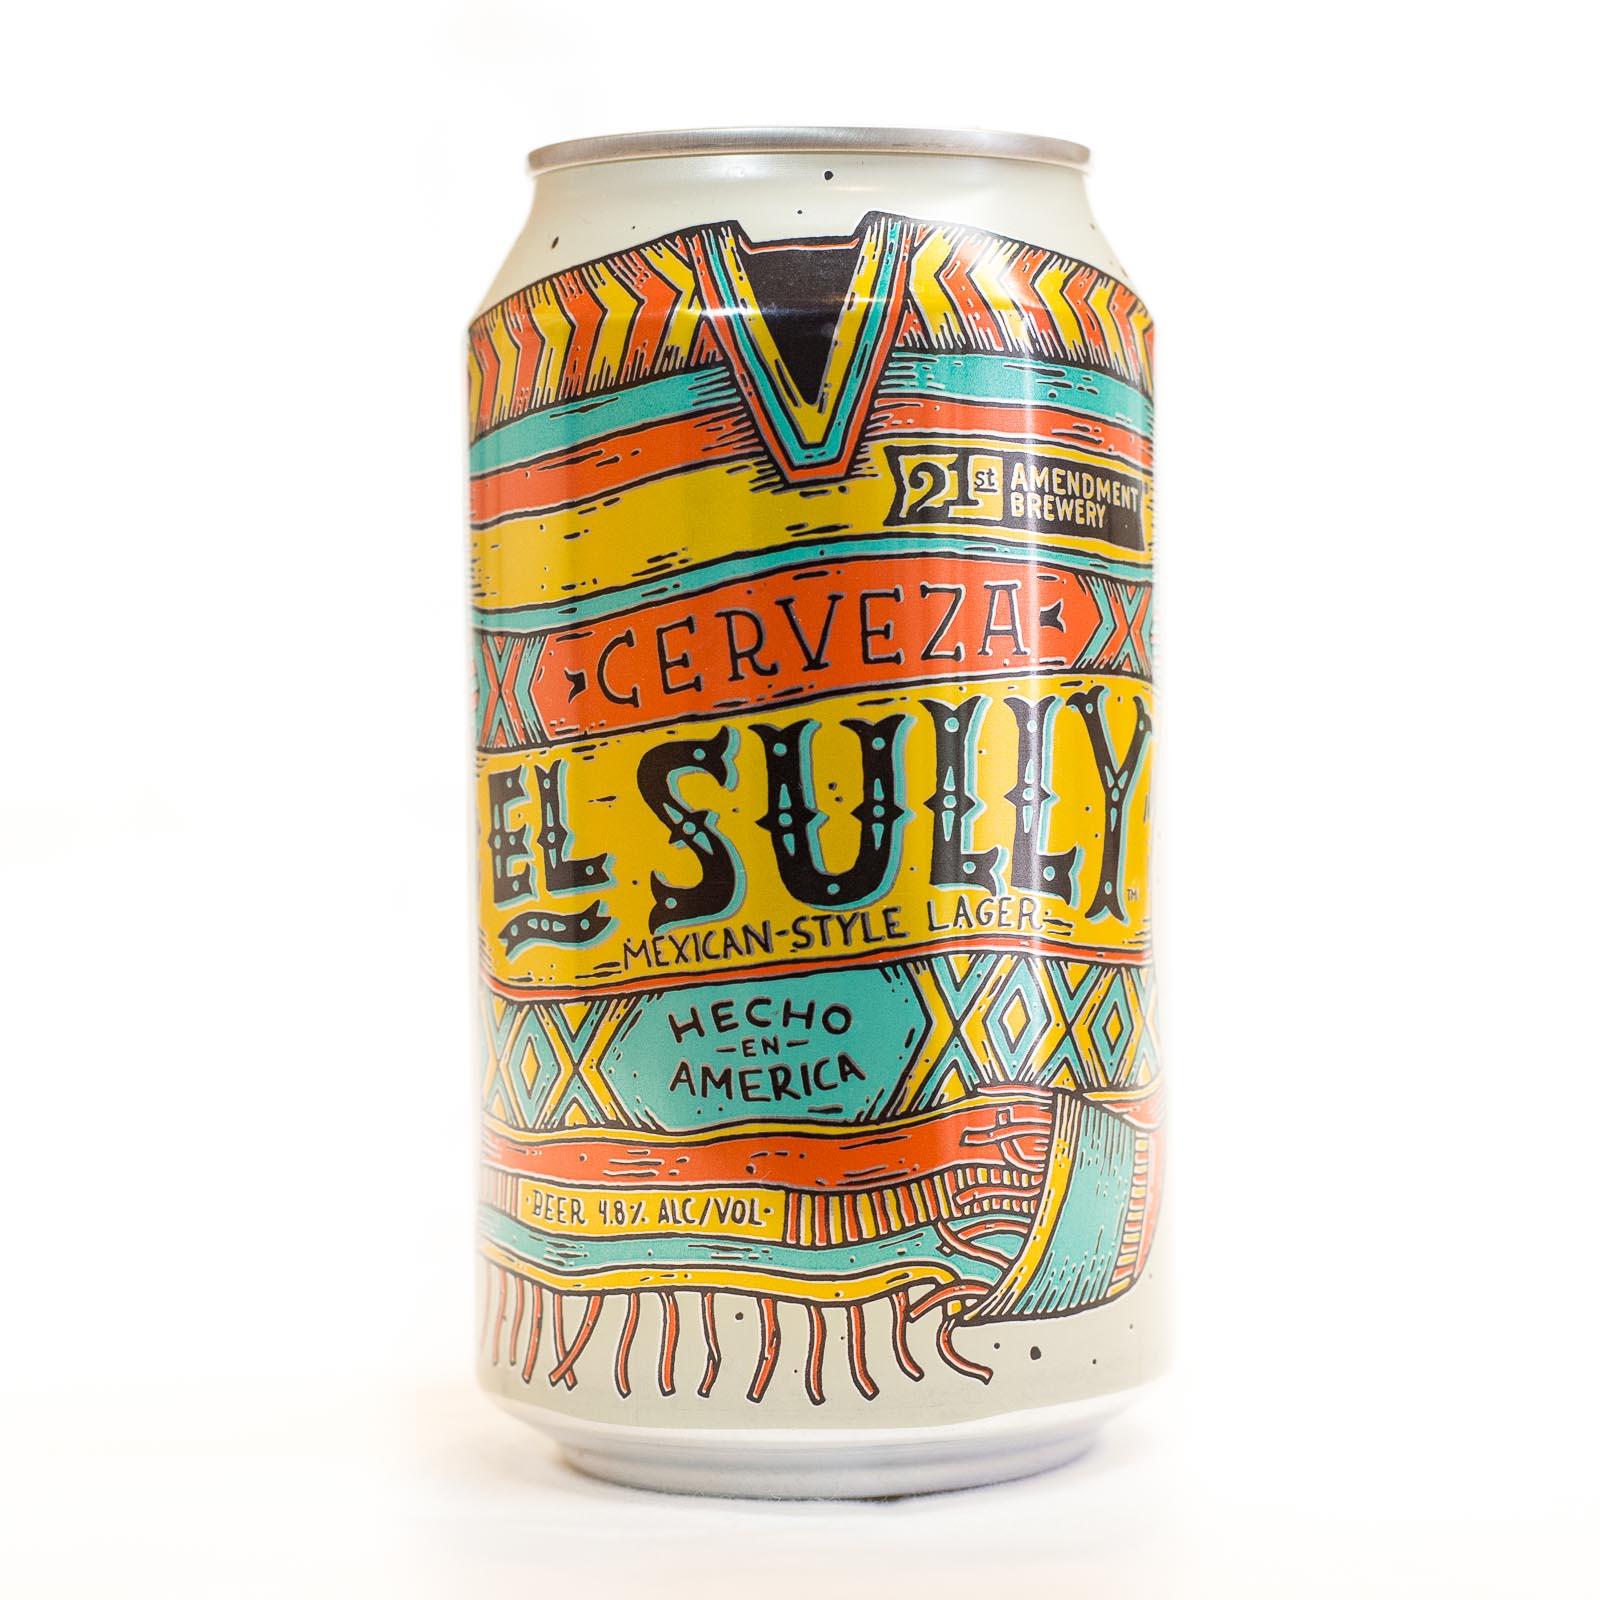 21st Amendment Brewery - El Sully